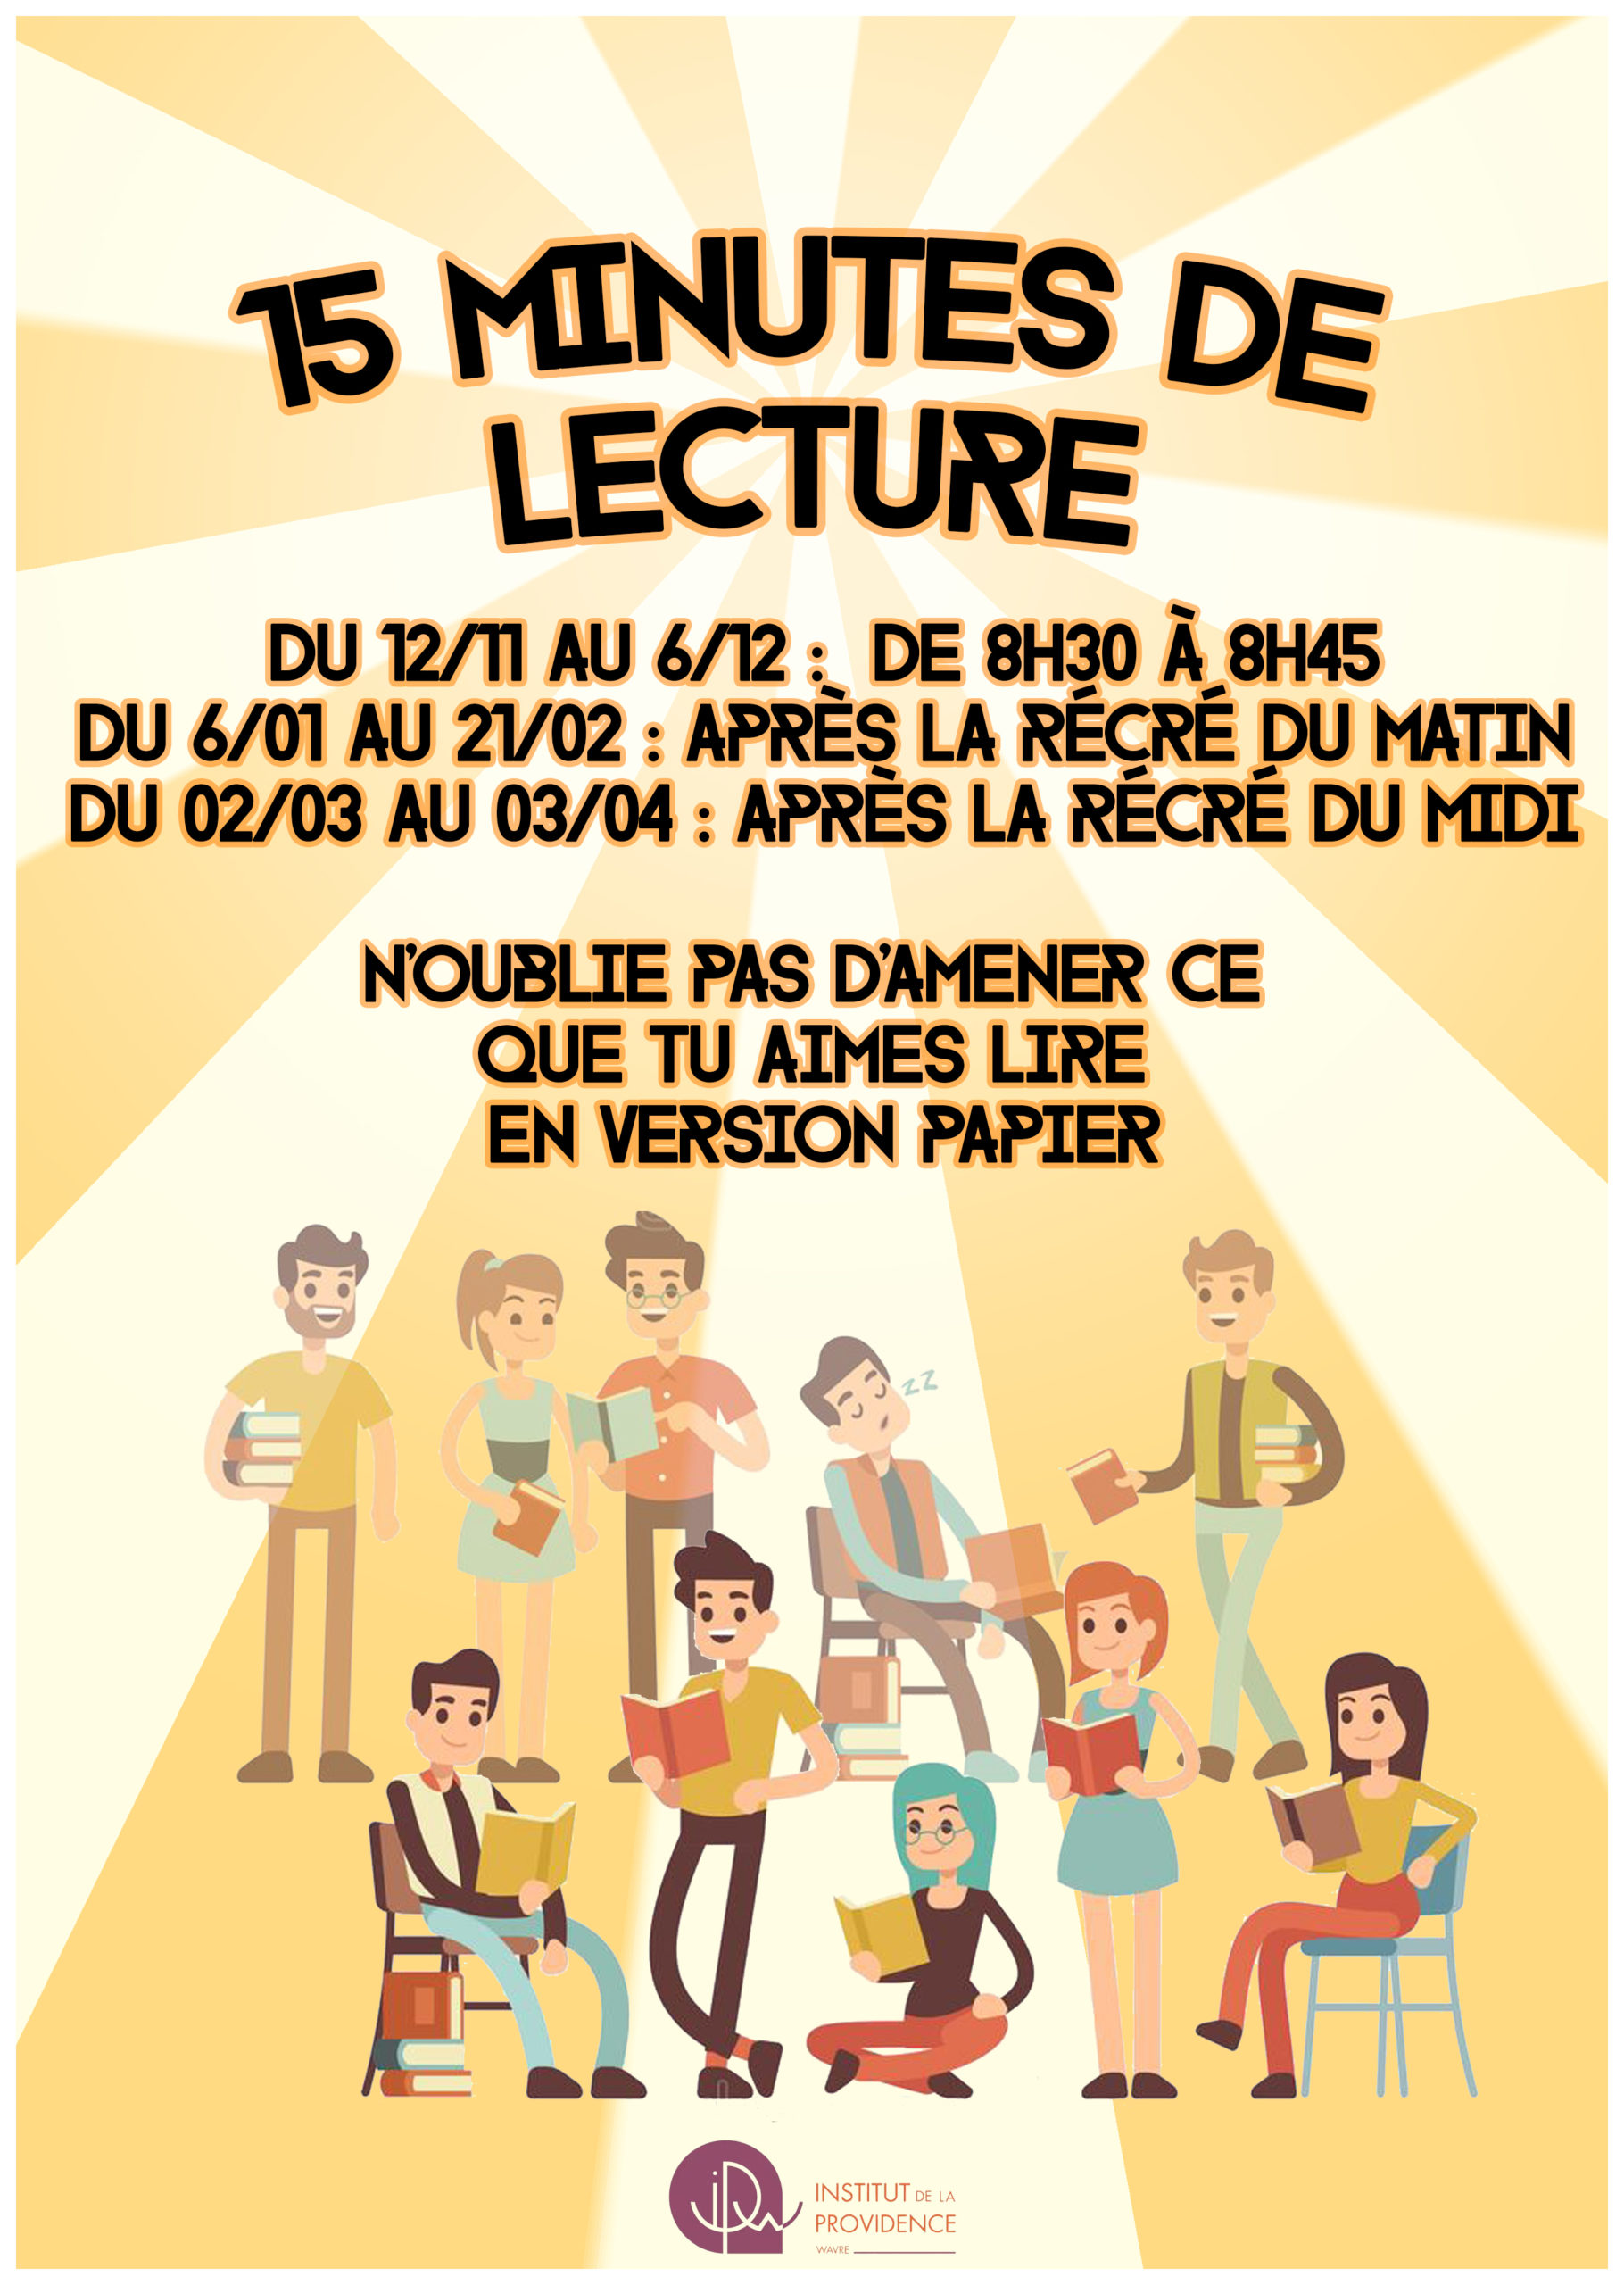 15' de lecture - Affiche